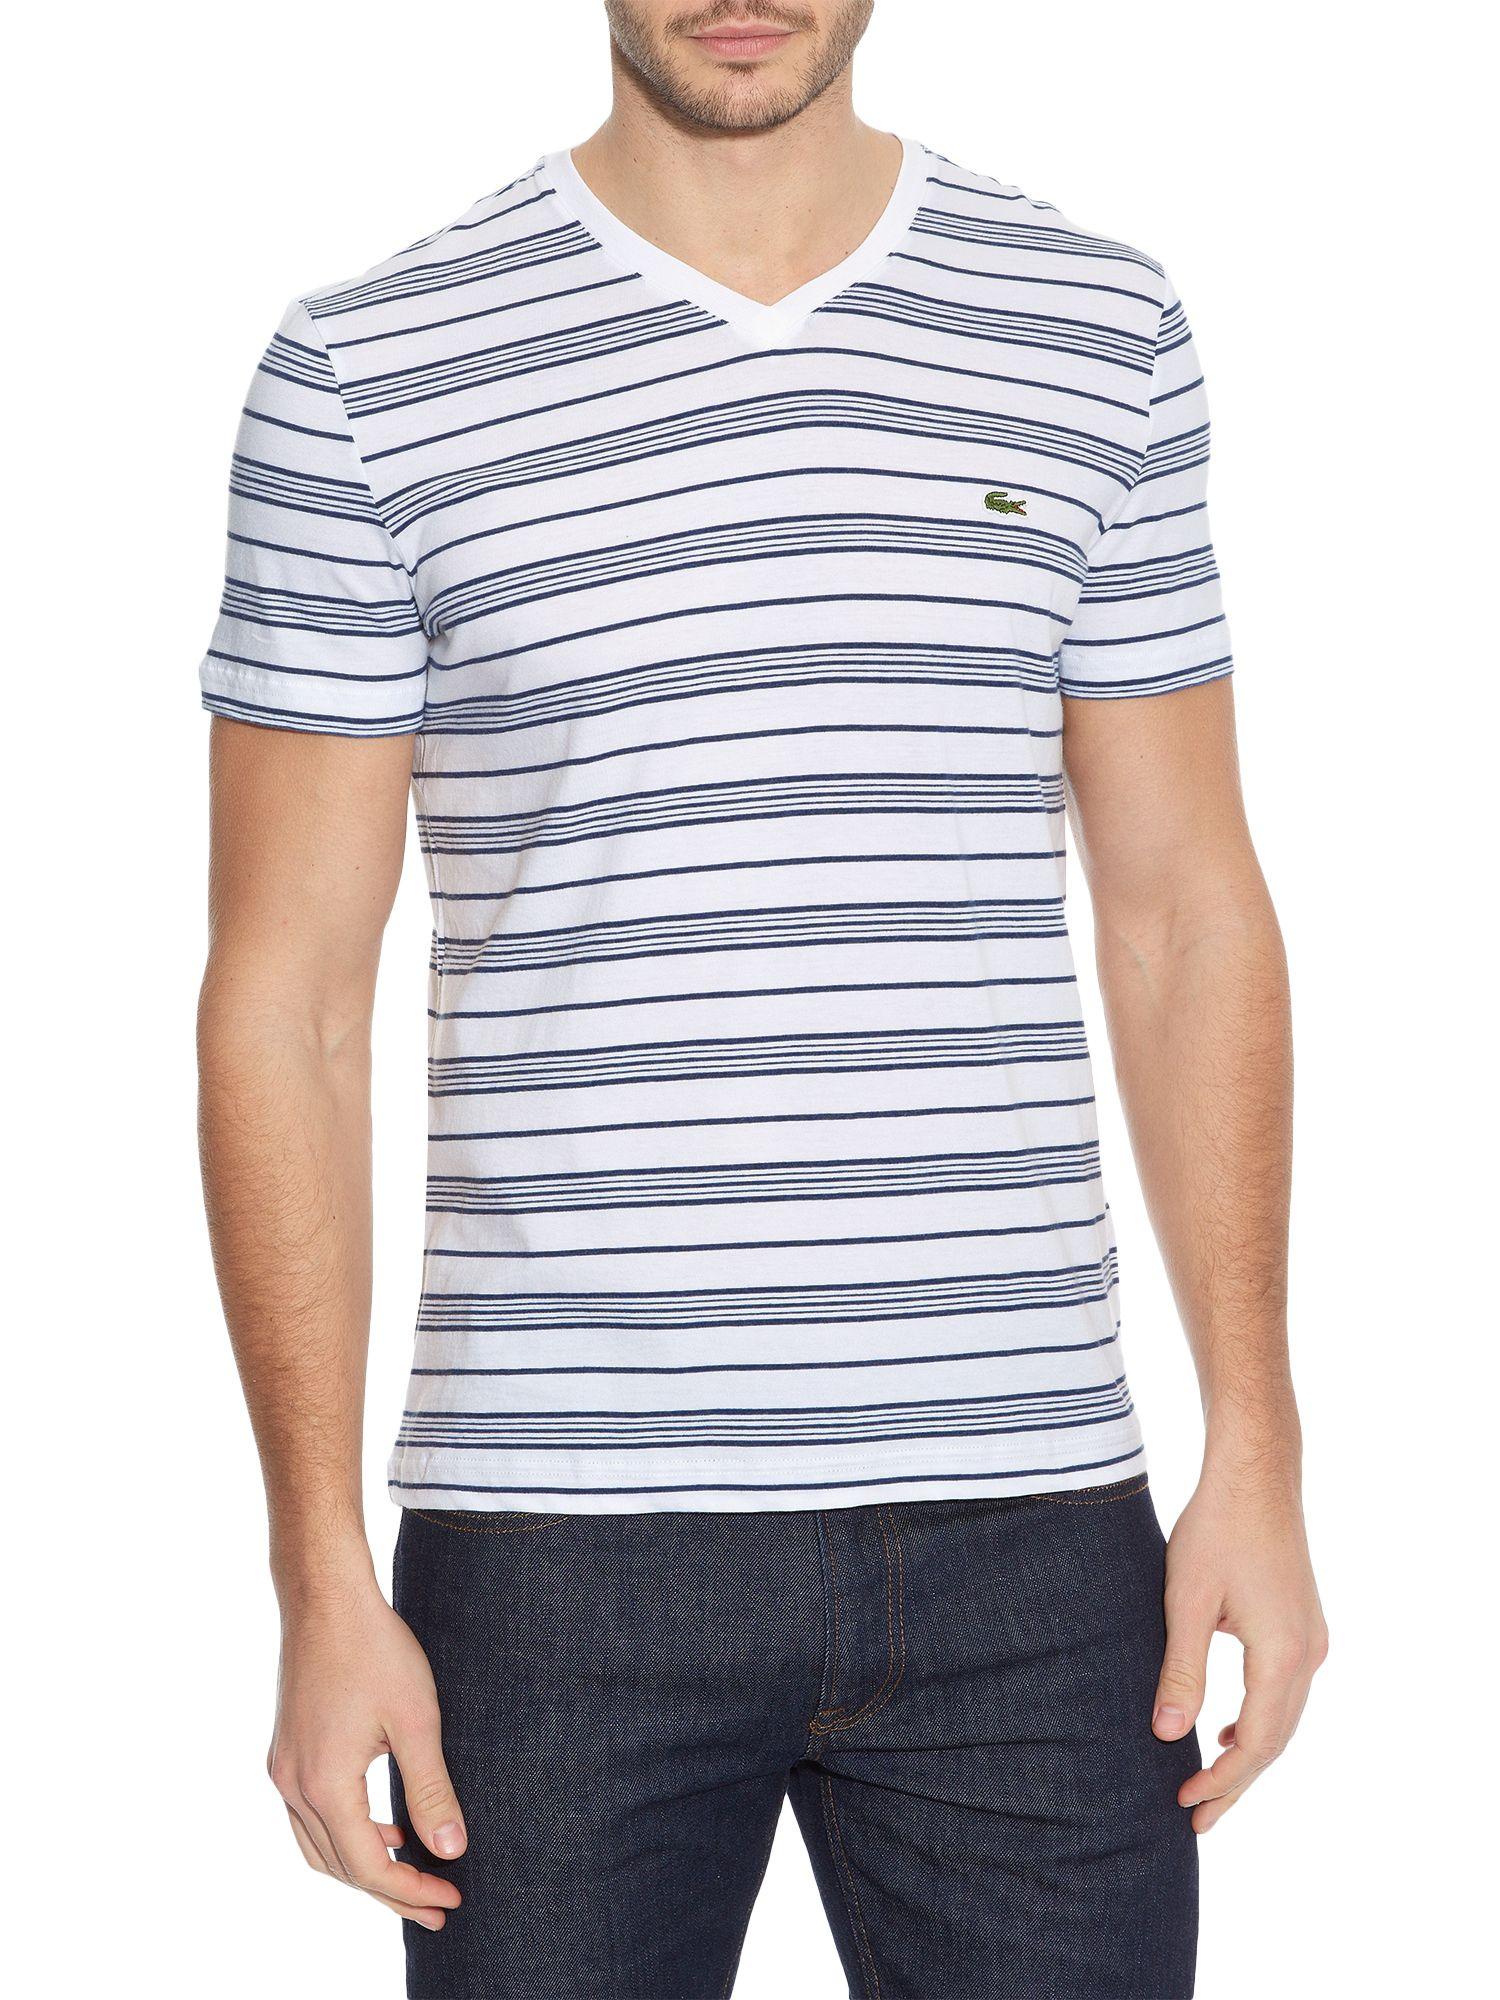 lacoste stripe v neck regular fit t shirt in white for men. Black Bedroom Furniture Sets. Home Design Ideas